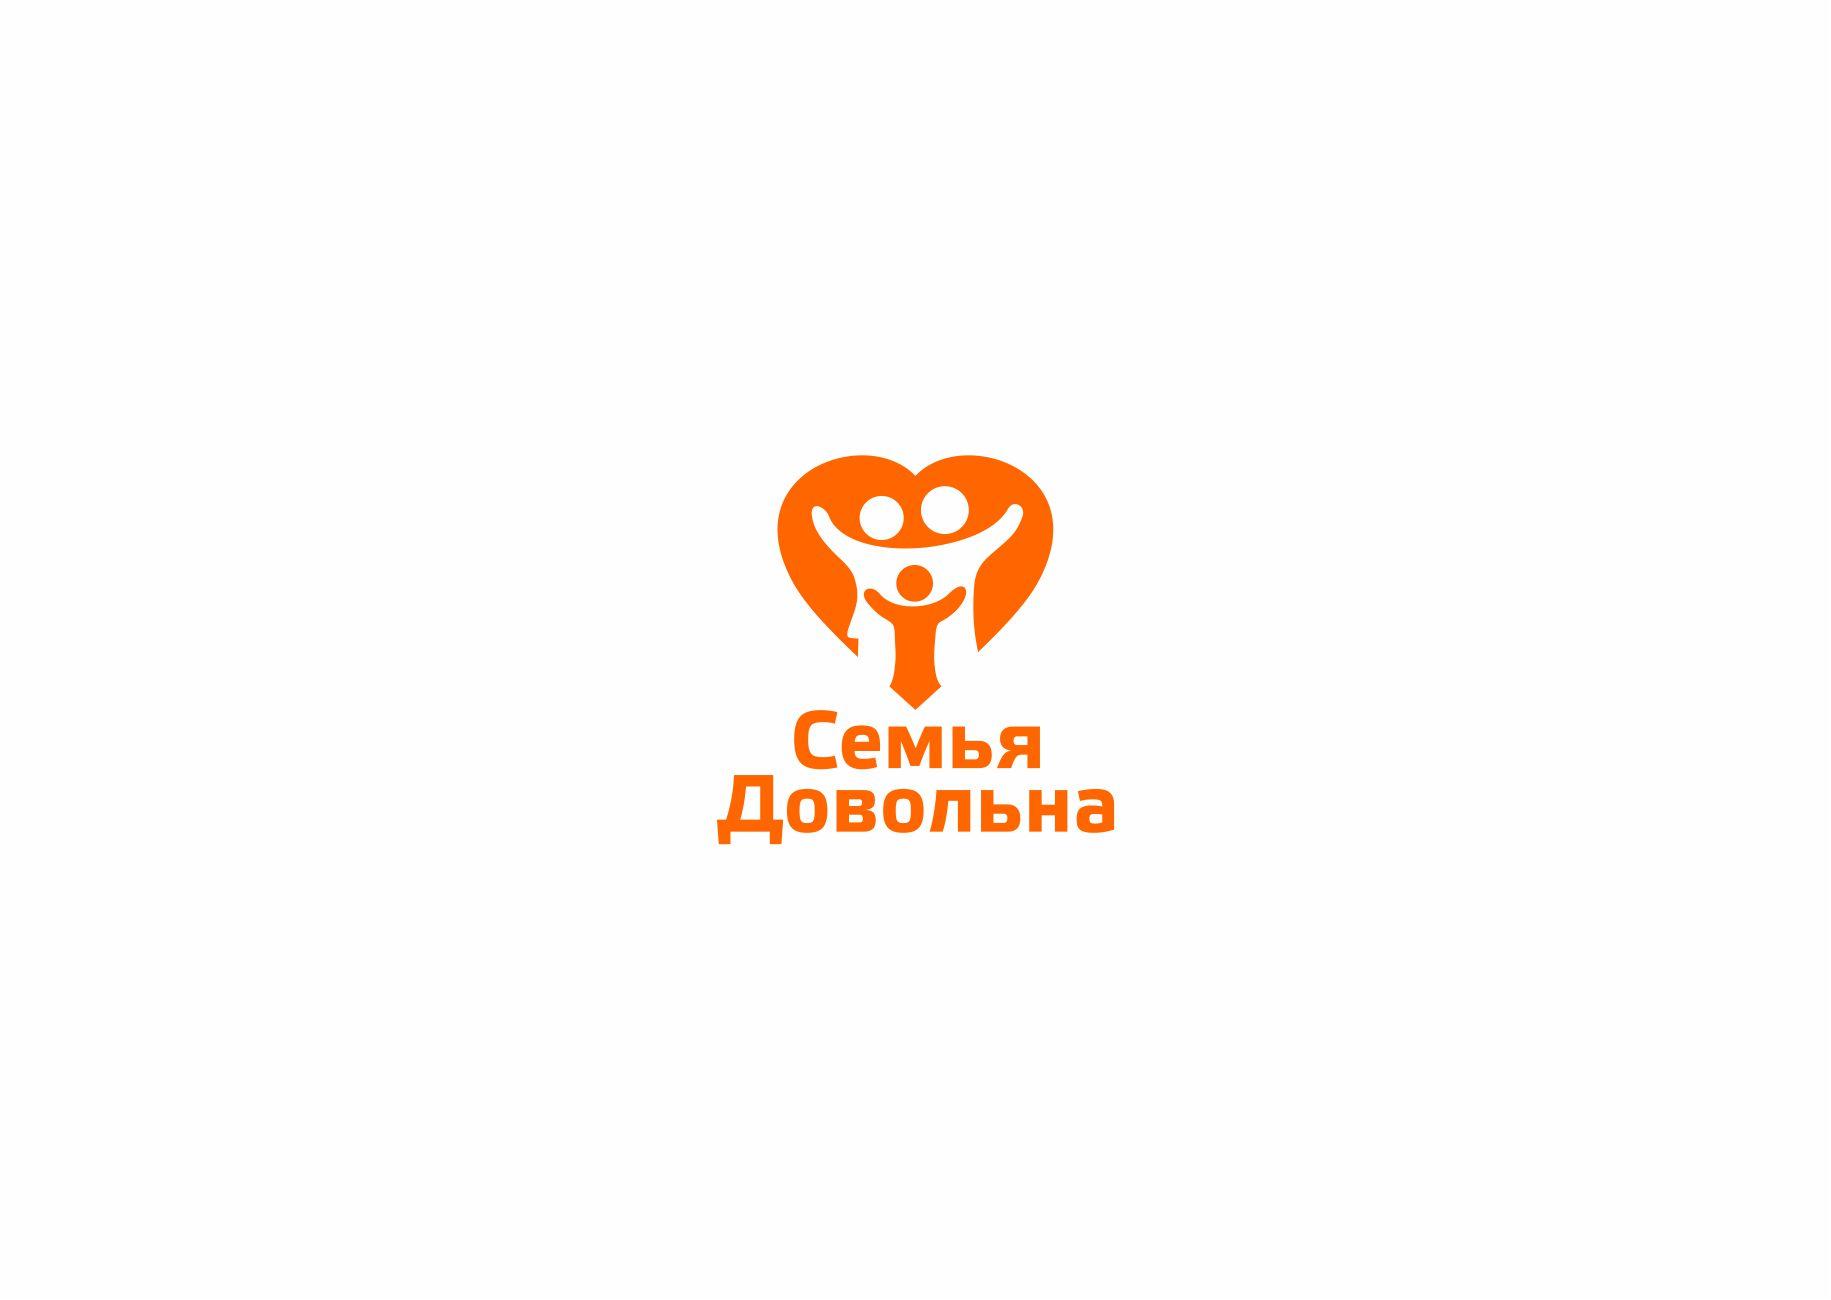 """Разработайте логотип для торговой марки """"Семья довольна"""" фото f_0525969a4a8866fe.jpg"""